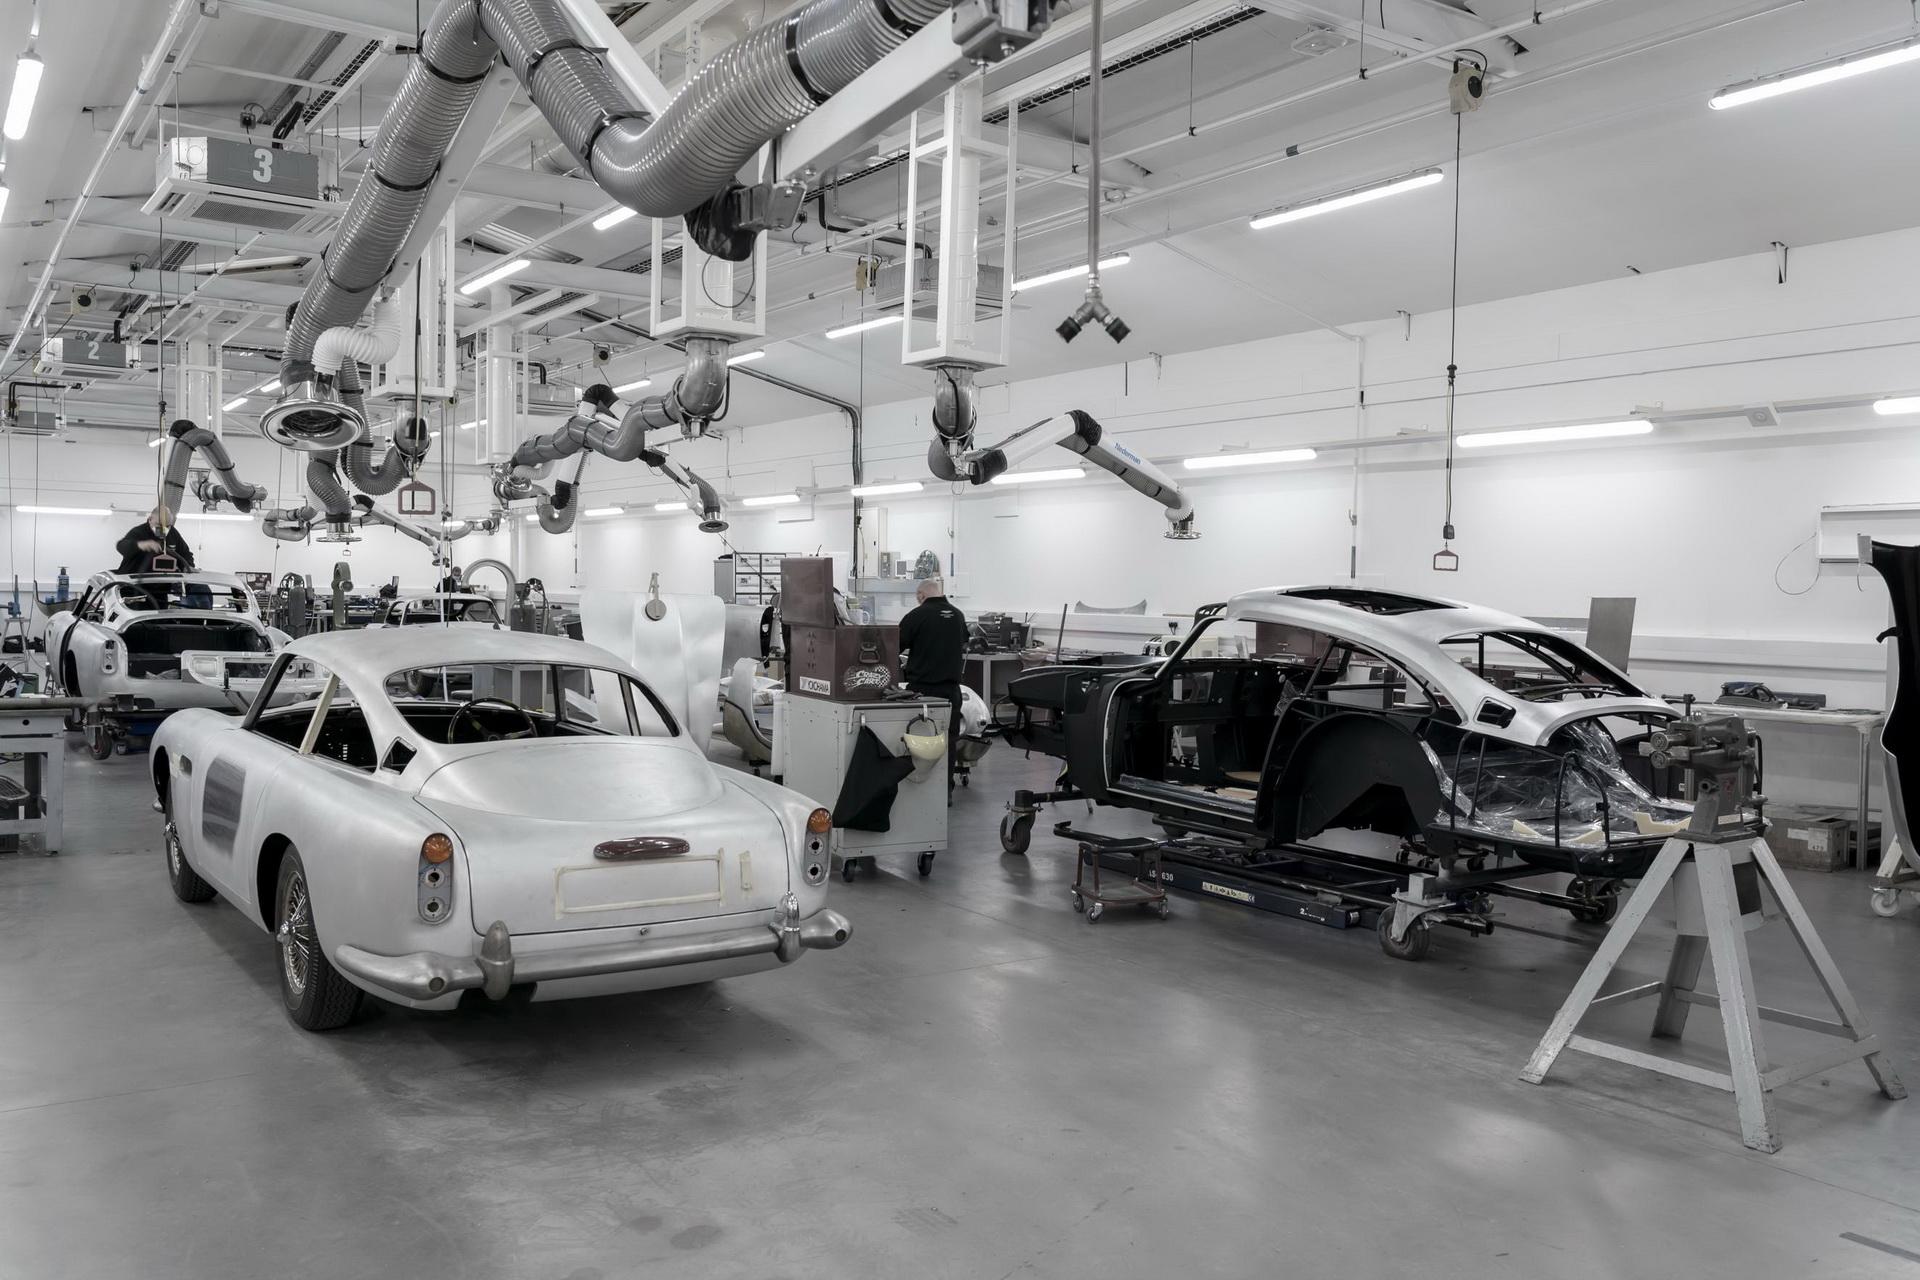 Самый известный авто Джеймса Бонда вернули в производство